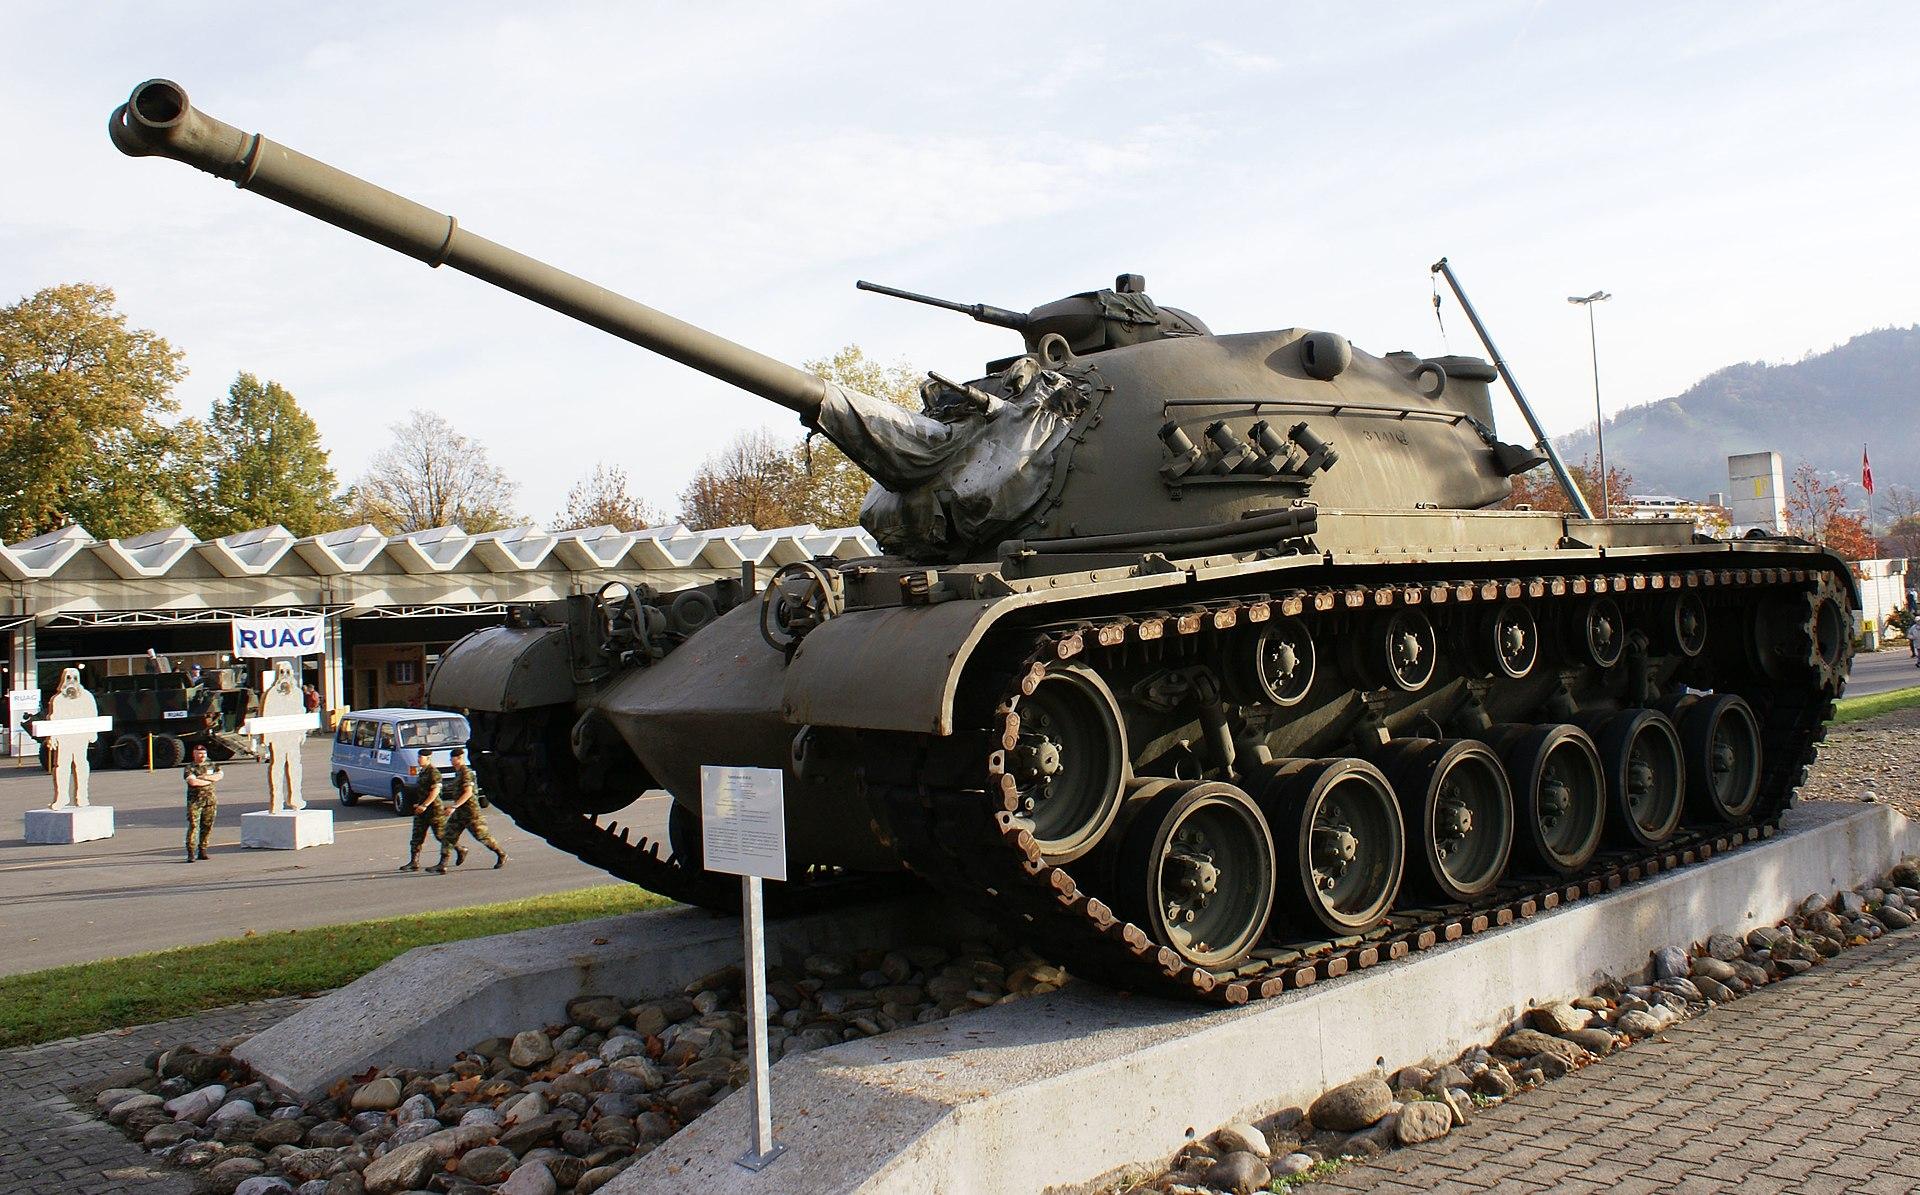 M48 Patton Wikipedia